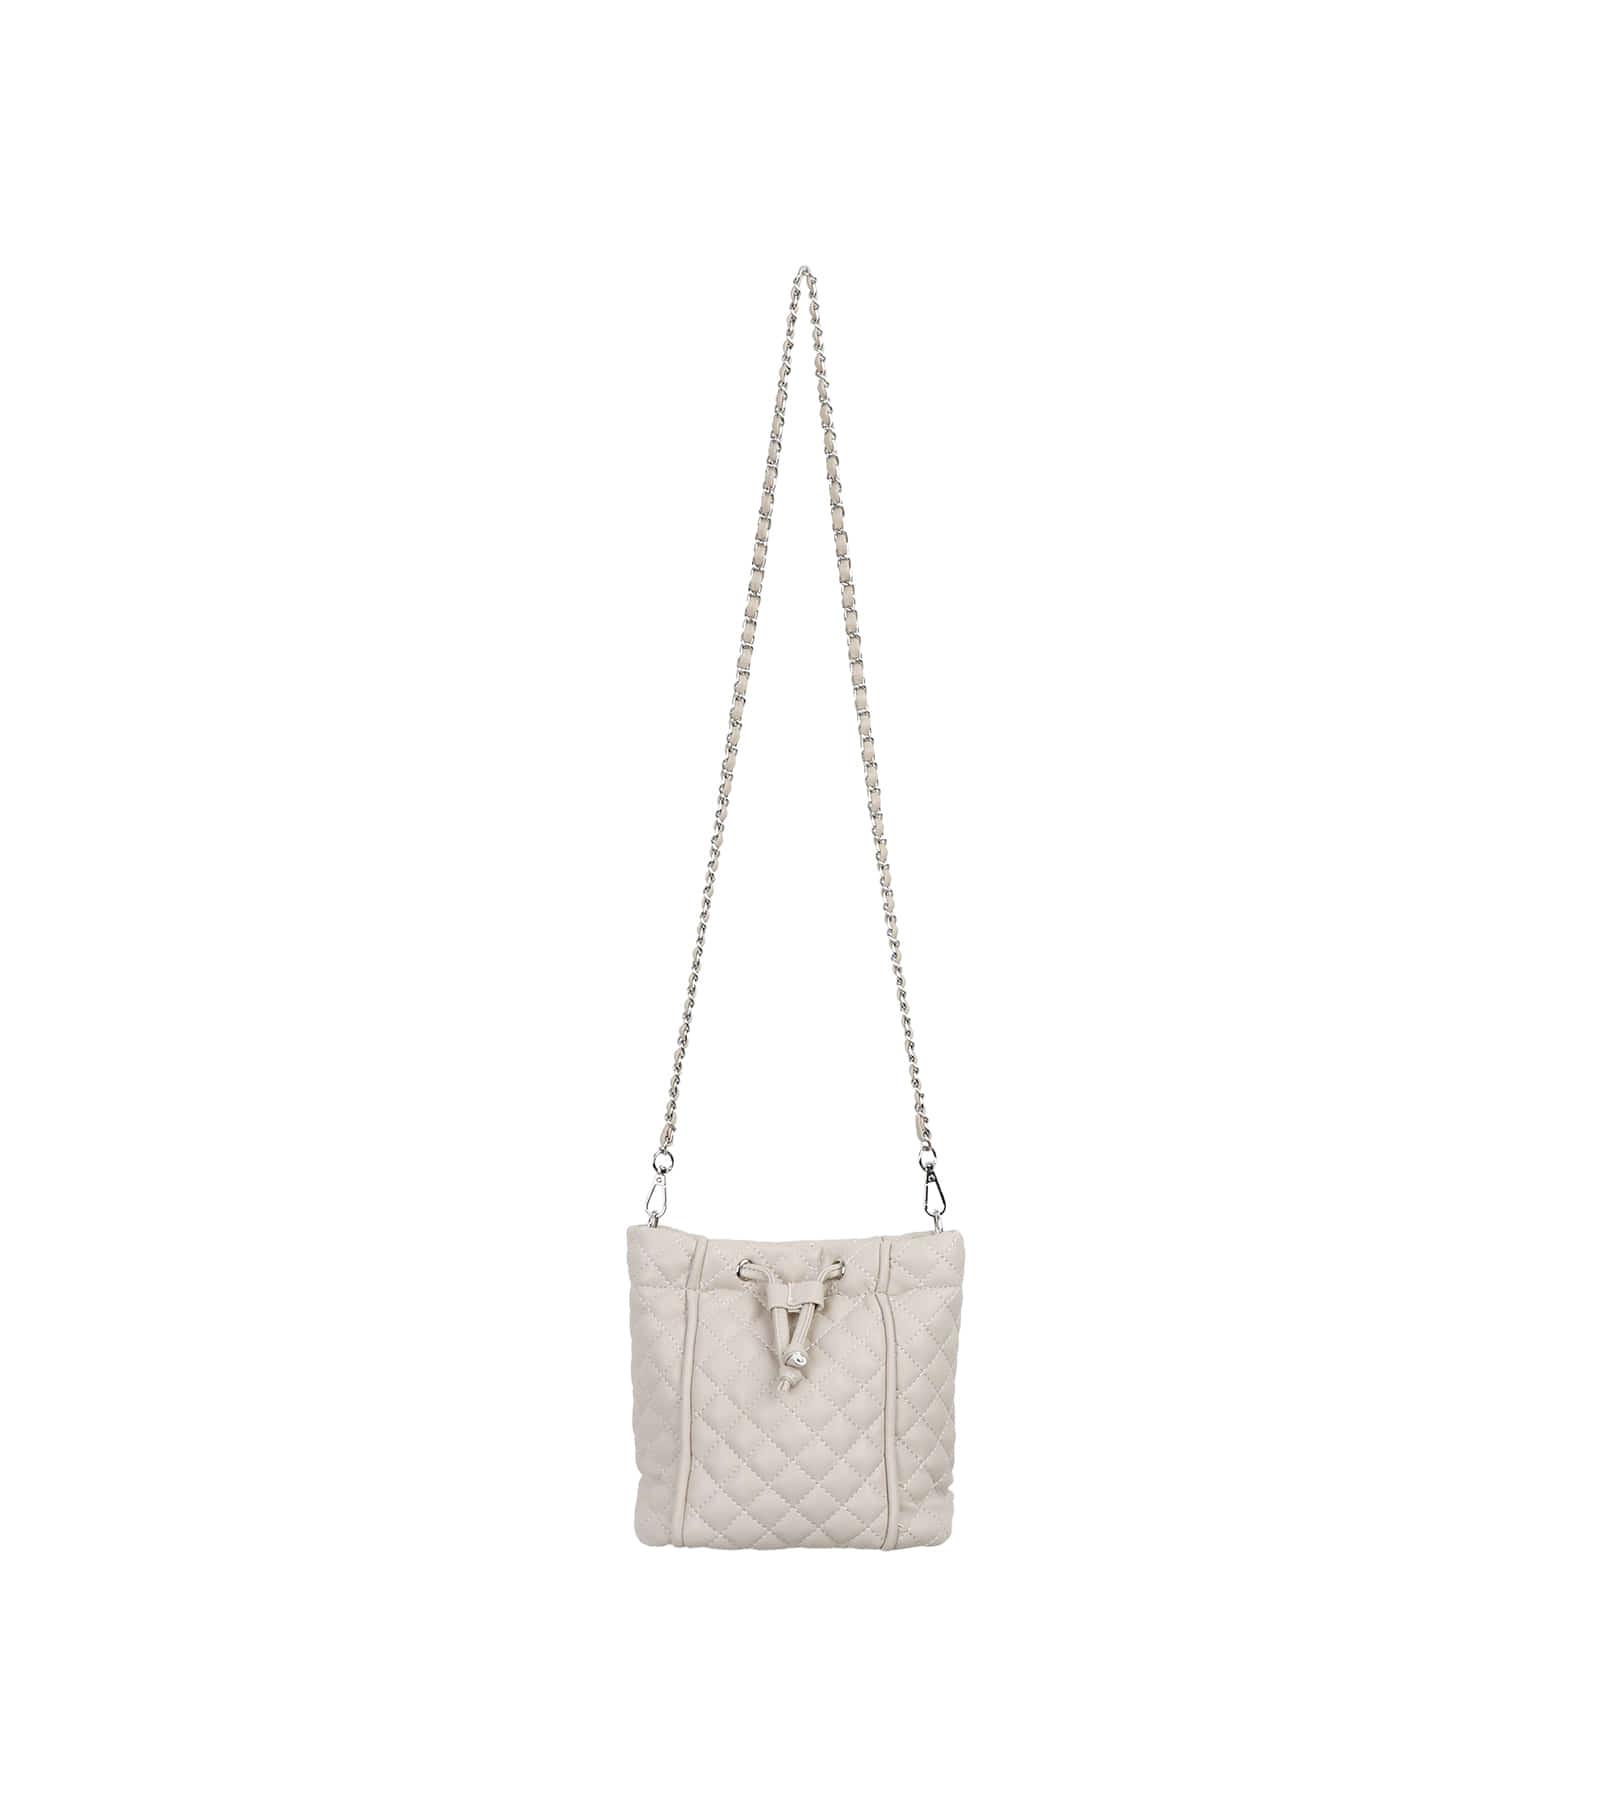 Coco embossed folding shoulder bag